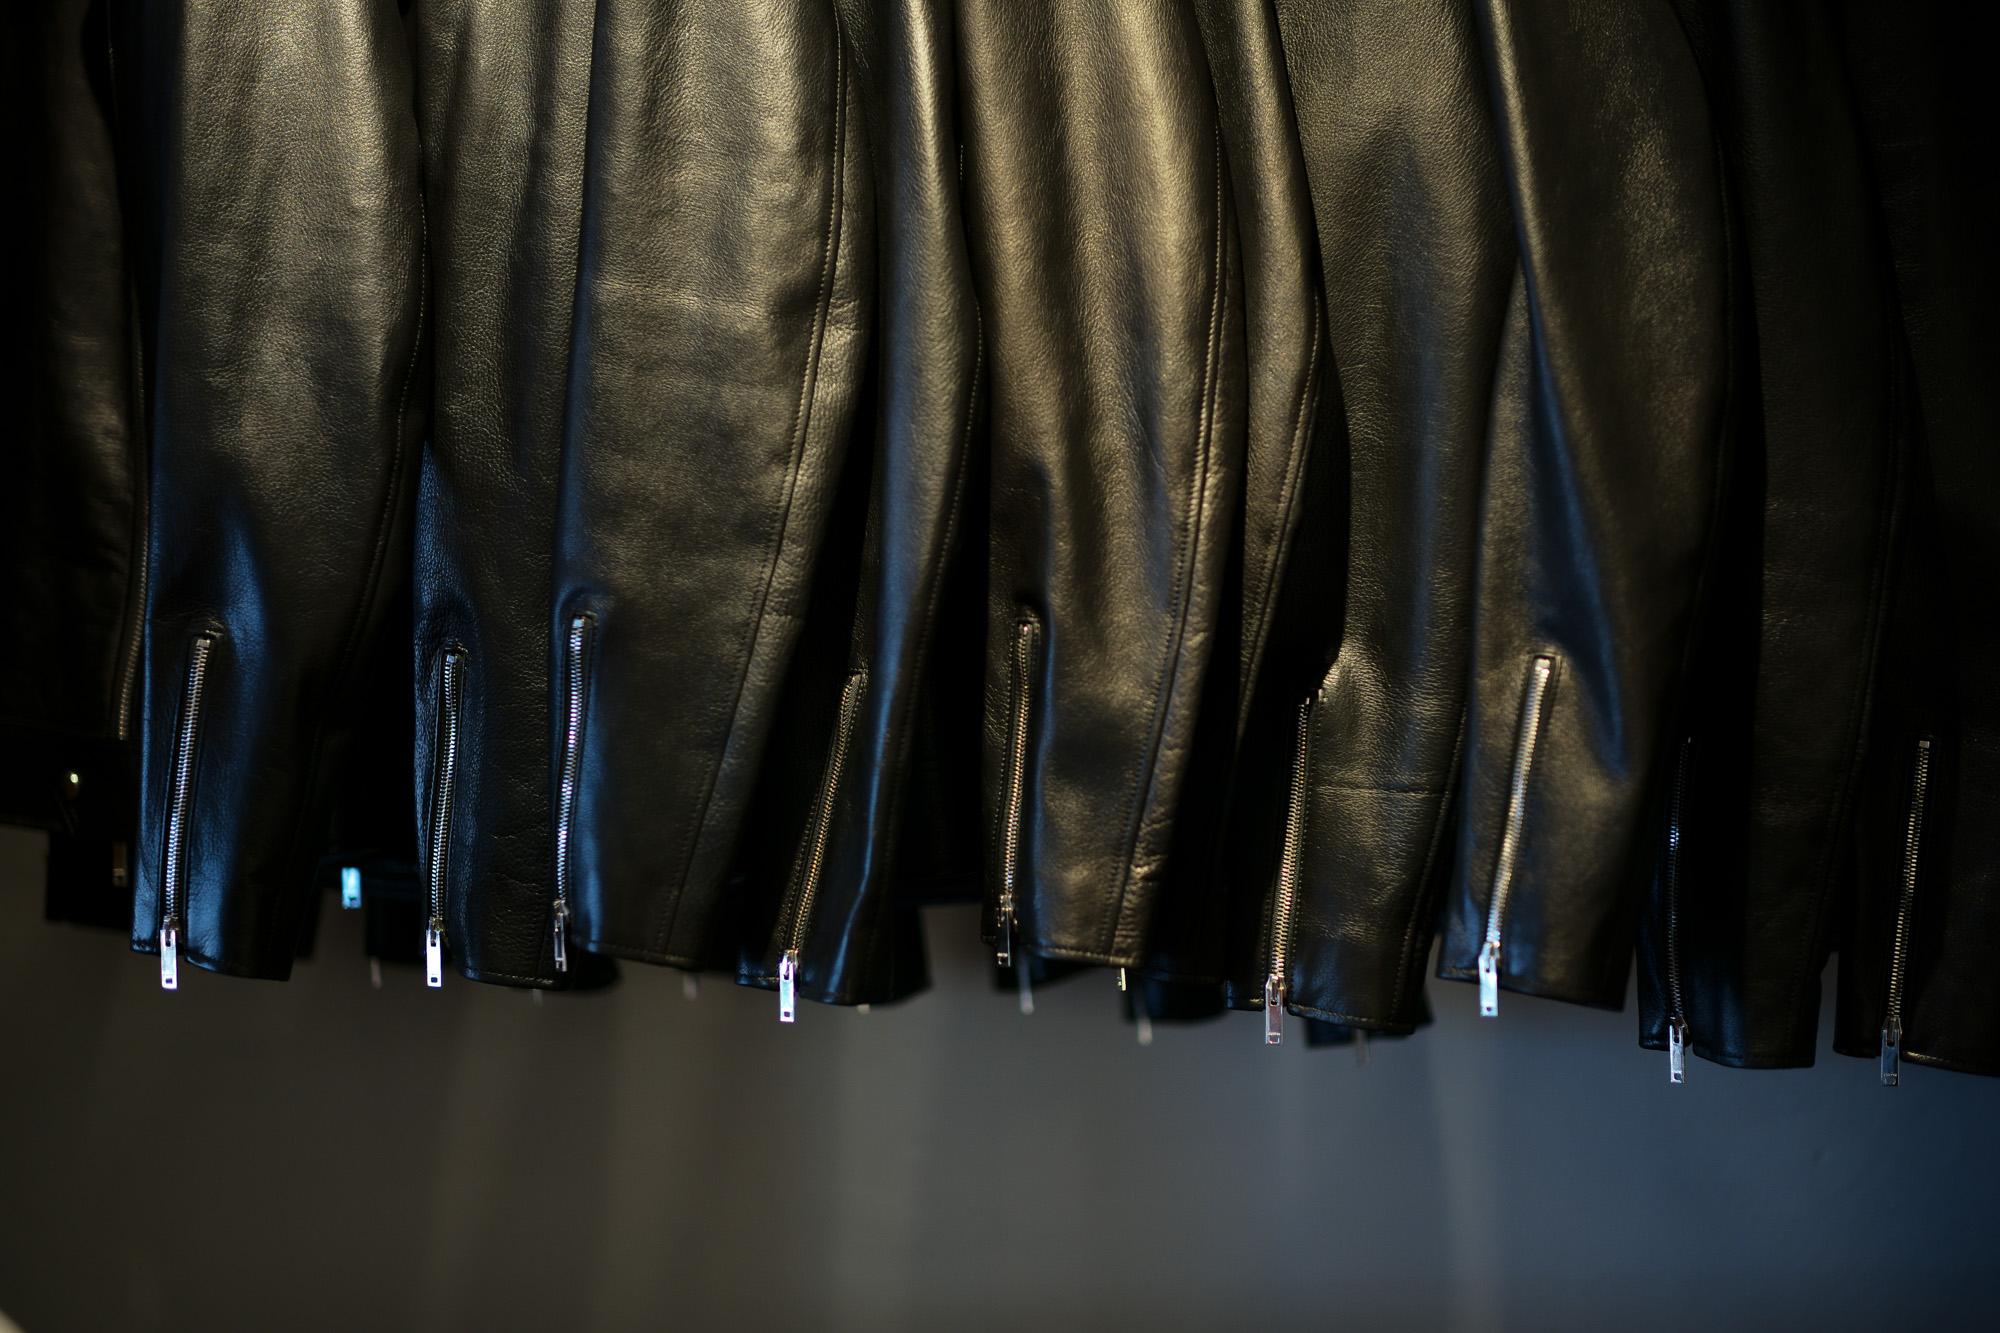 Cuervo (クエルボ) Satisfaction Leather Collection (サティスファクション レザー コレクション) TOM (トム) BUFFALO LEATHER (バッファロー レザー) シングル ライダース ジャケット BLACK (ブラック) MADE IN JAPAN (日本製) 2019 春夏新作【第1便入荷しました】【フリー分販売開始】 クエルボ レザージャケット 愛知 名古屋 alto e diritto アルトエデリット セレクトショップ